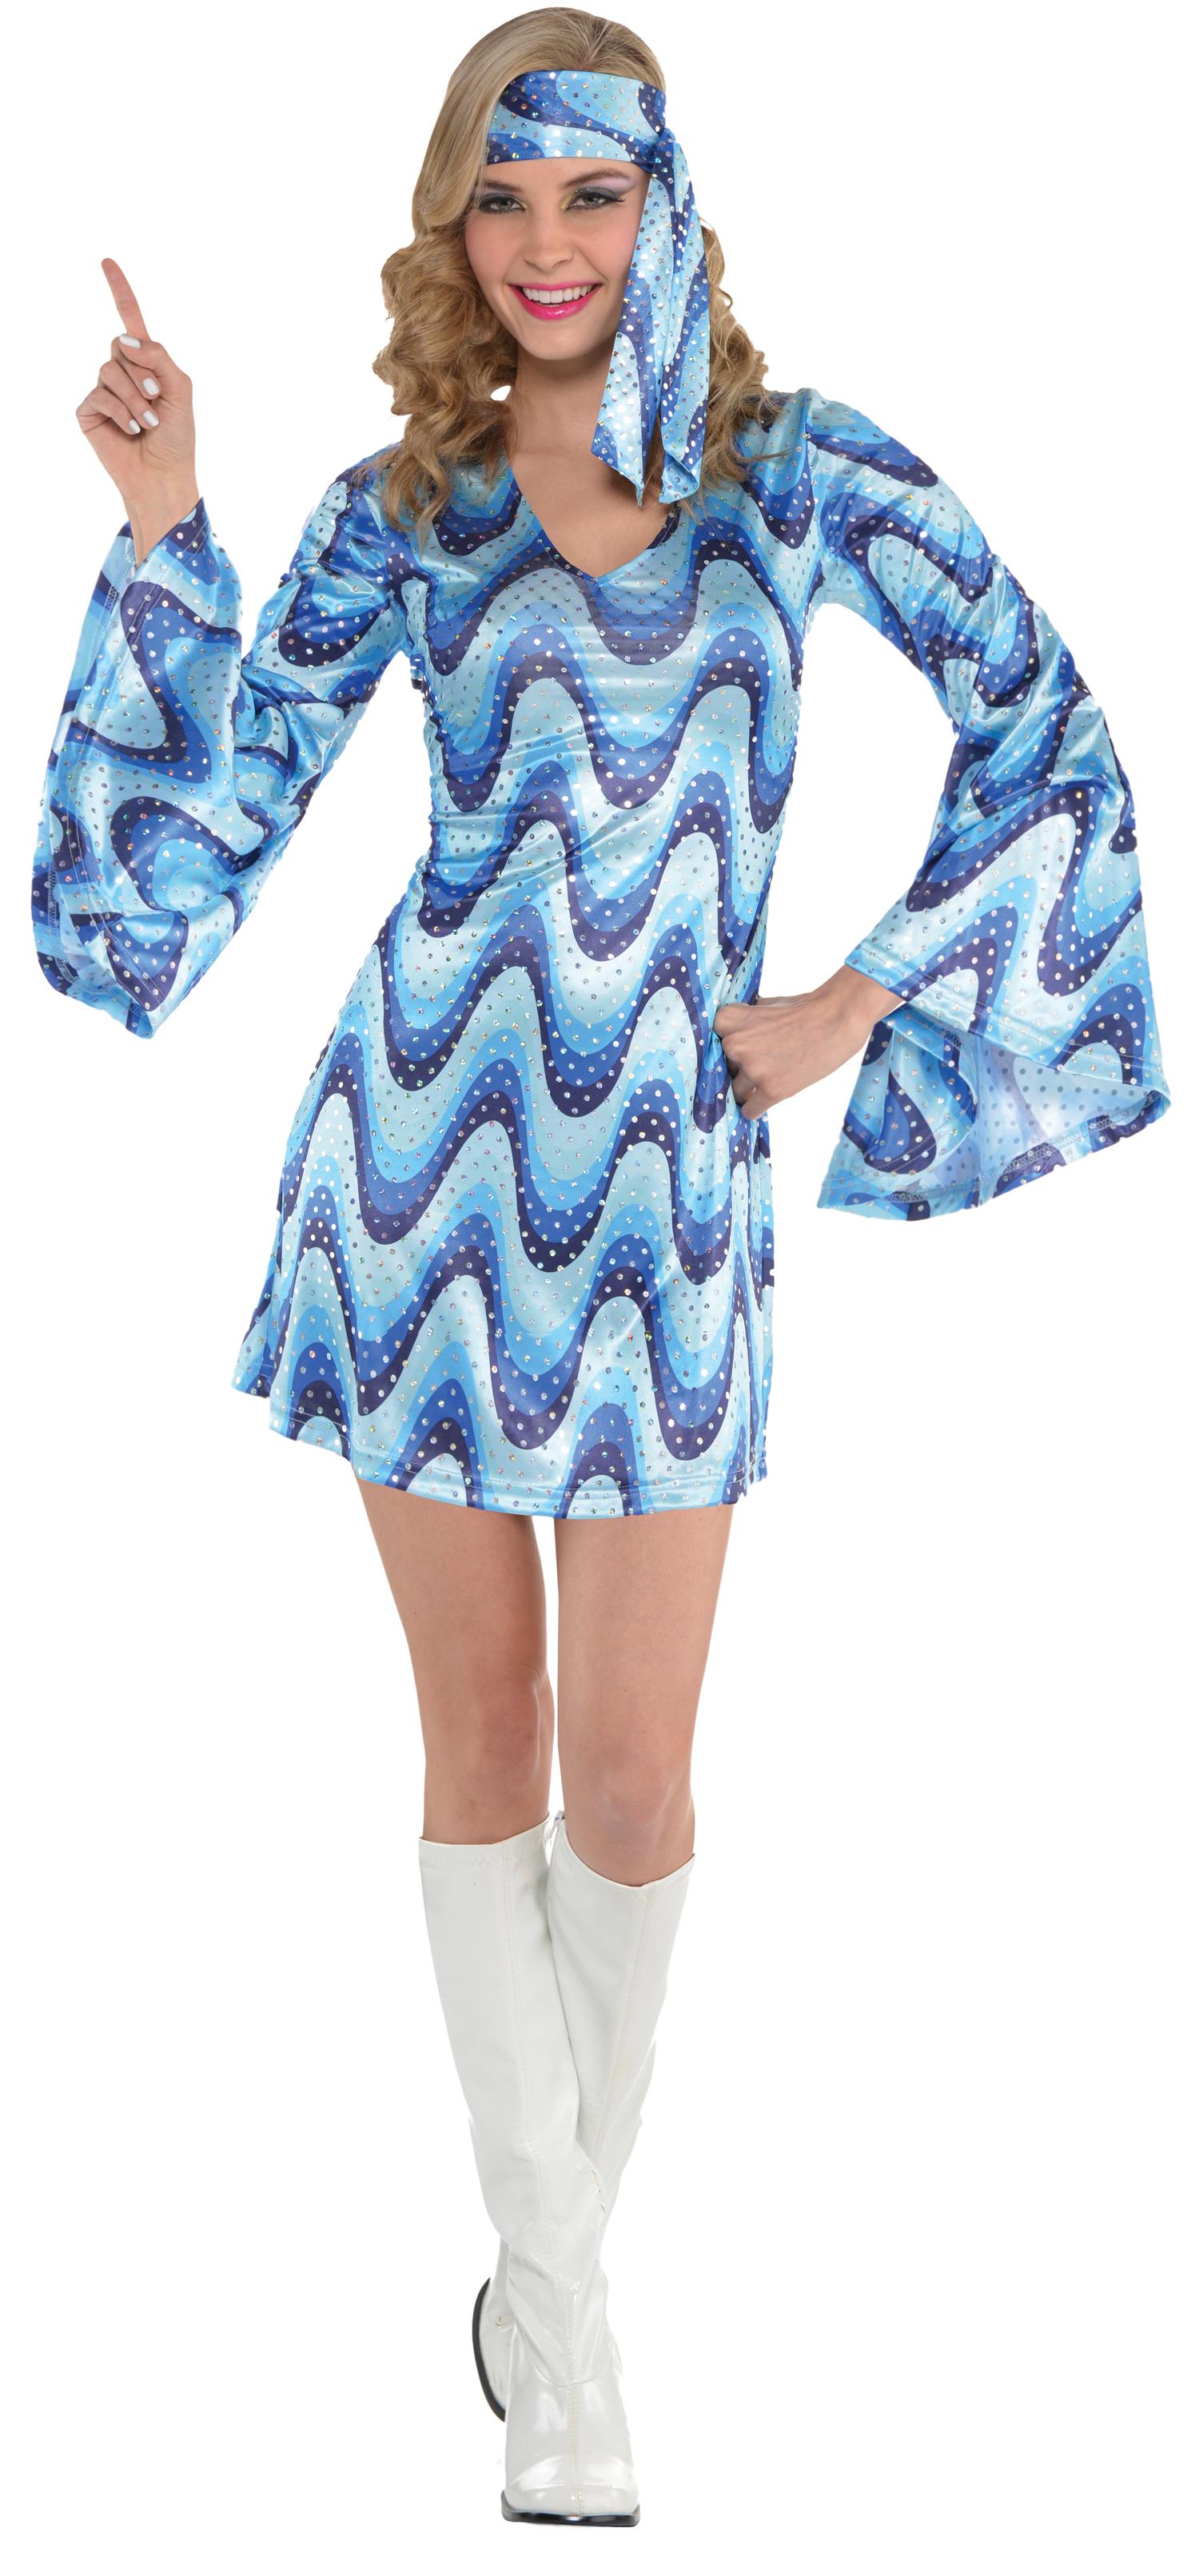 Disco diva ladies costume all ladies costumes mega - Discoteca diva ispra ...